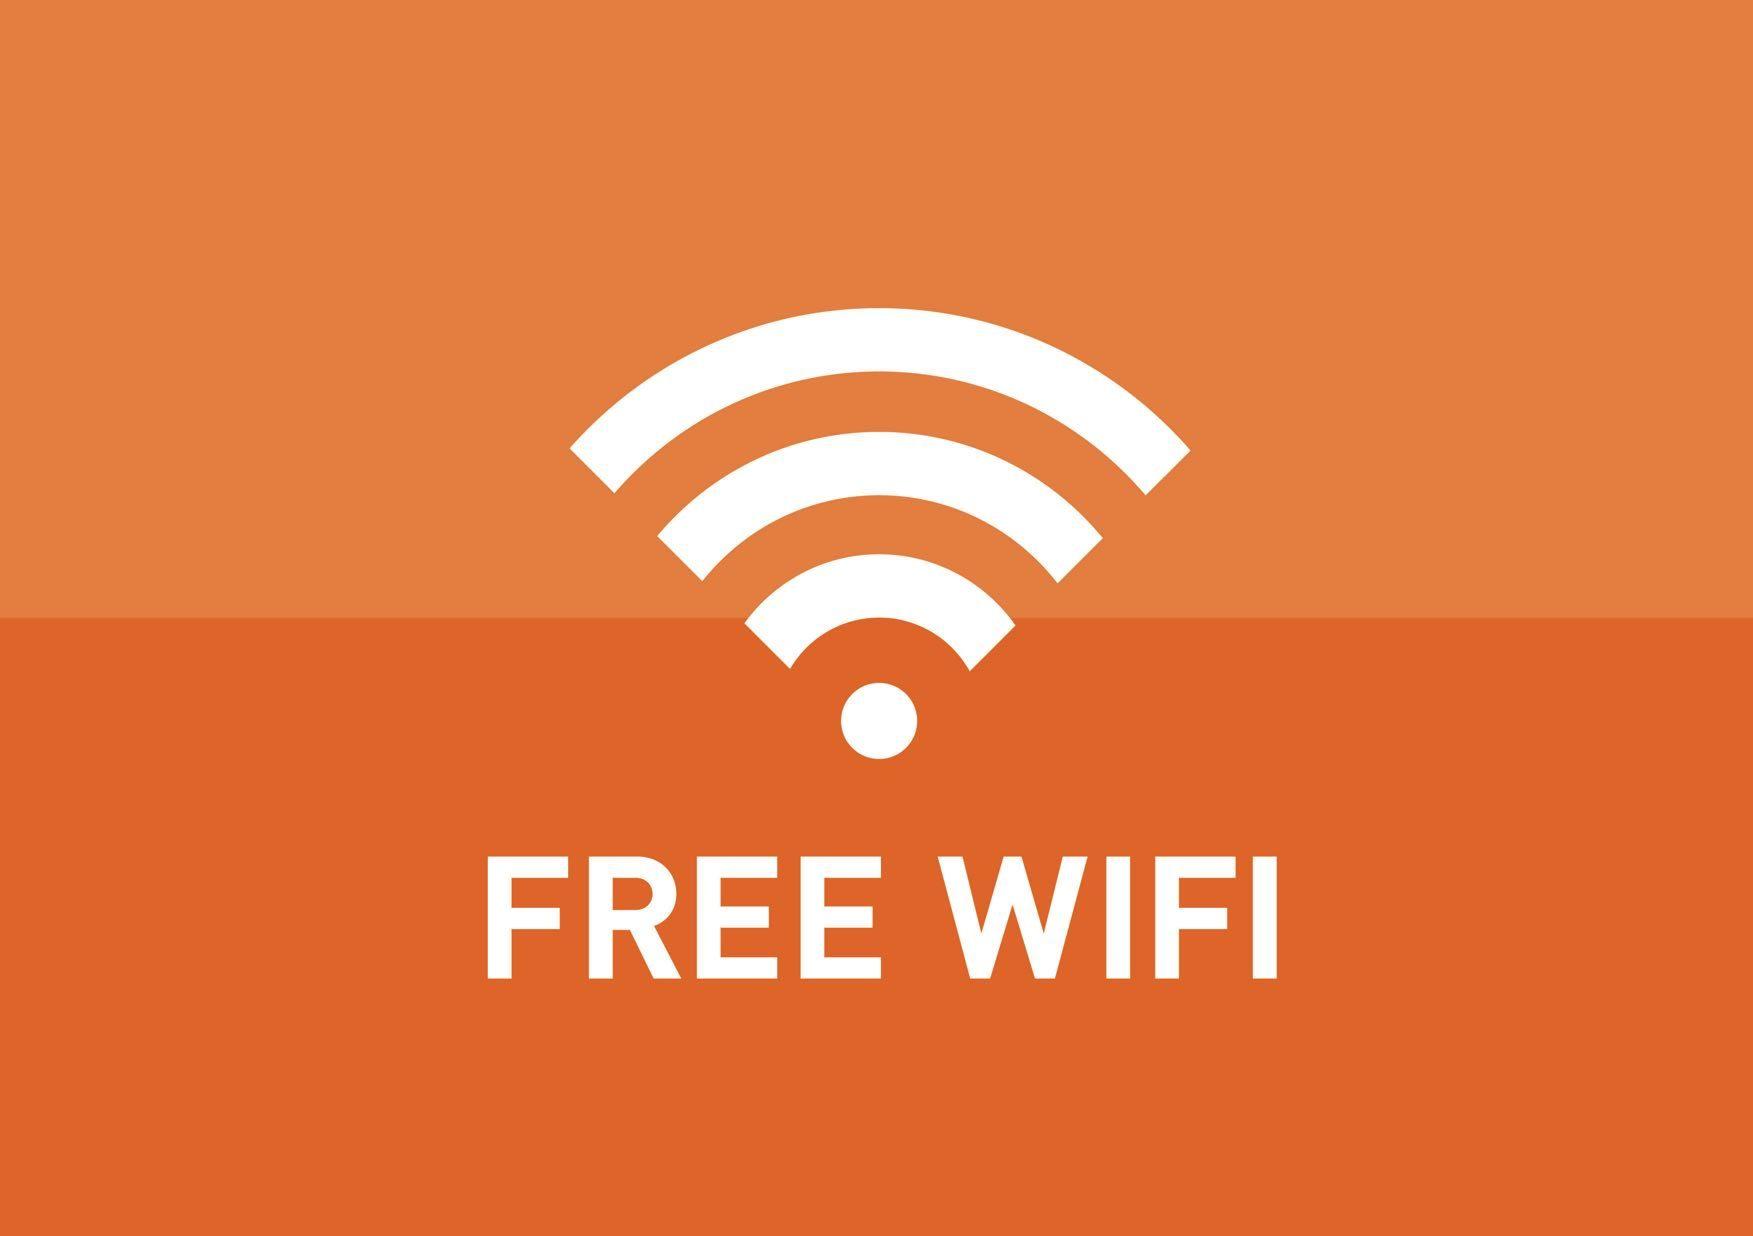 秋葉原 Free Wi-Fi